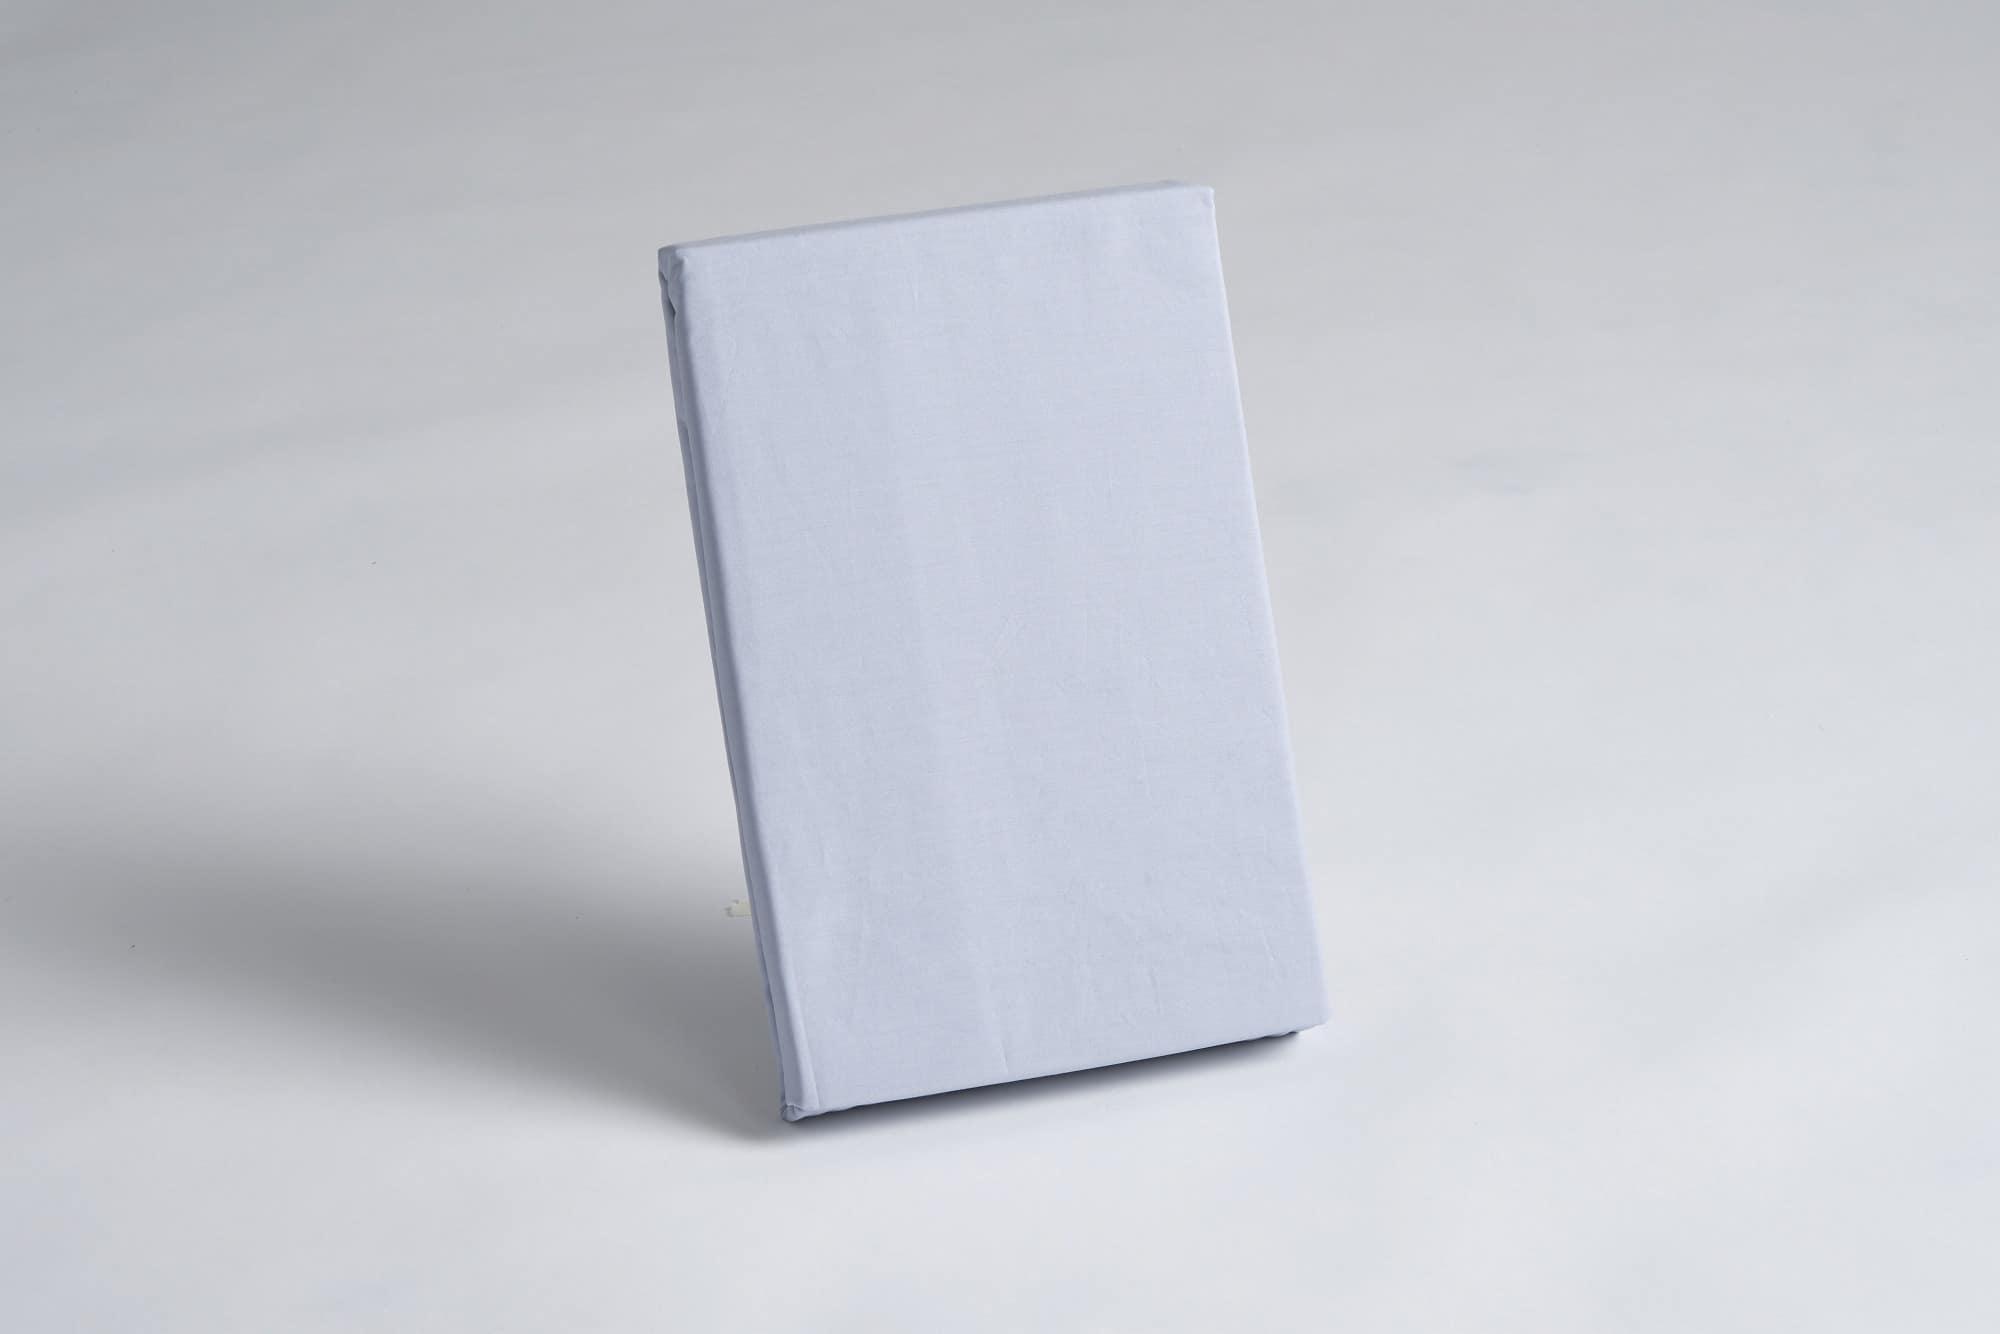 ボックスシーツ クイーン1用 45H ブルー:《綿100%を使用したボックスシーツ》